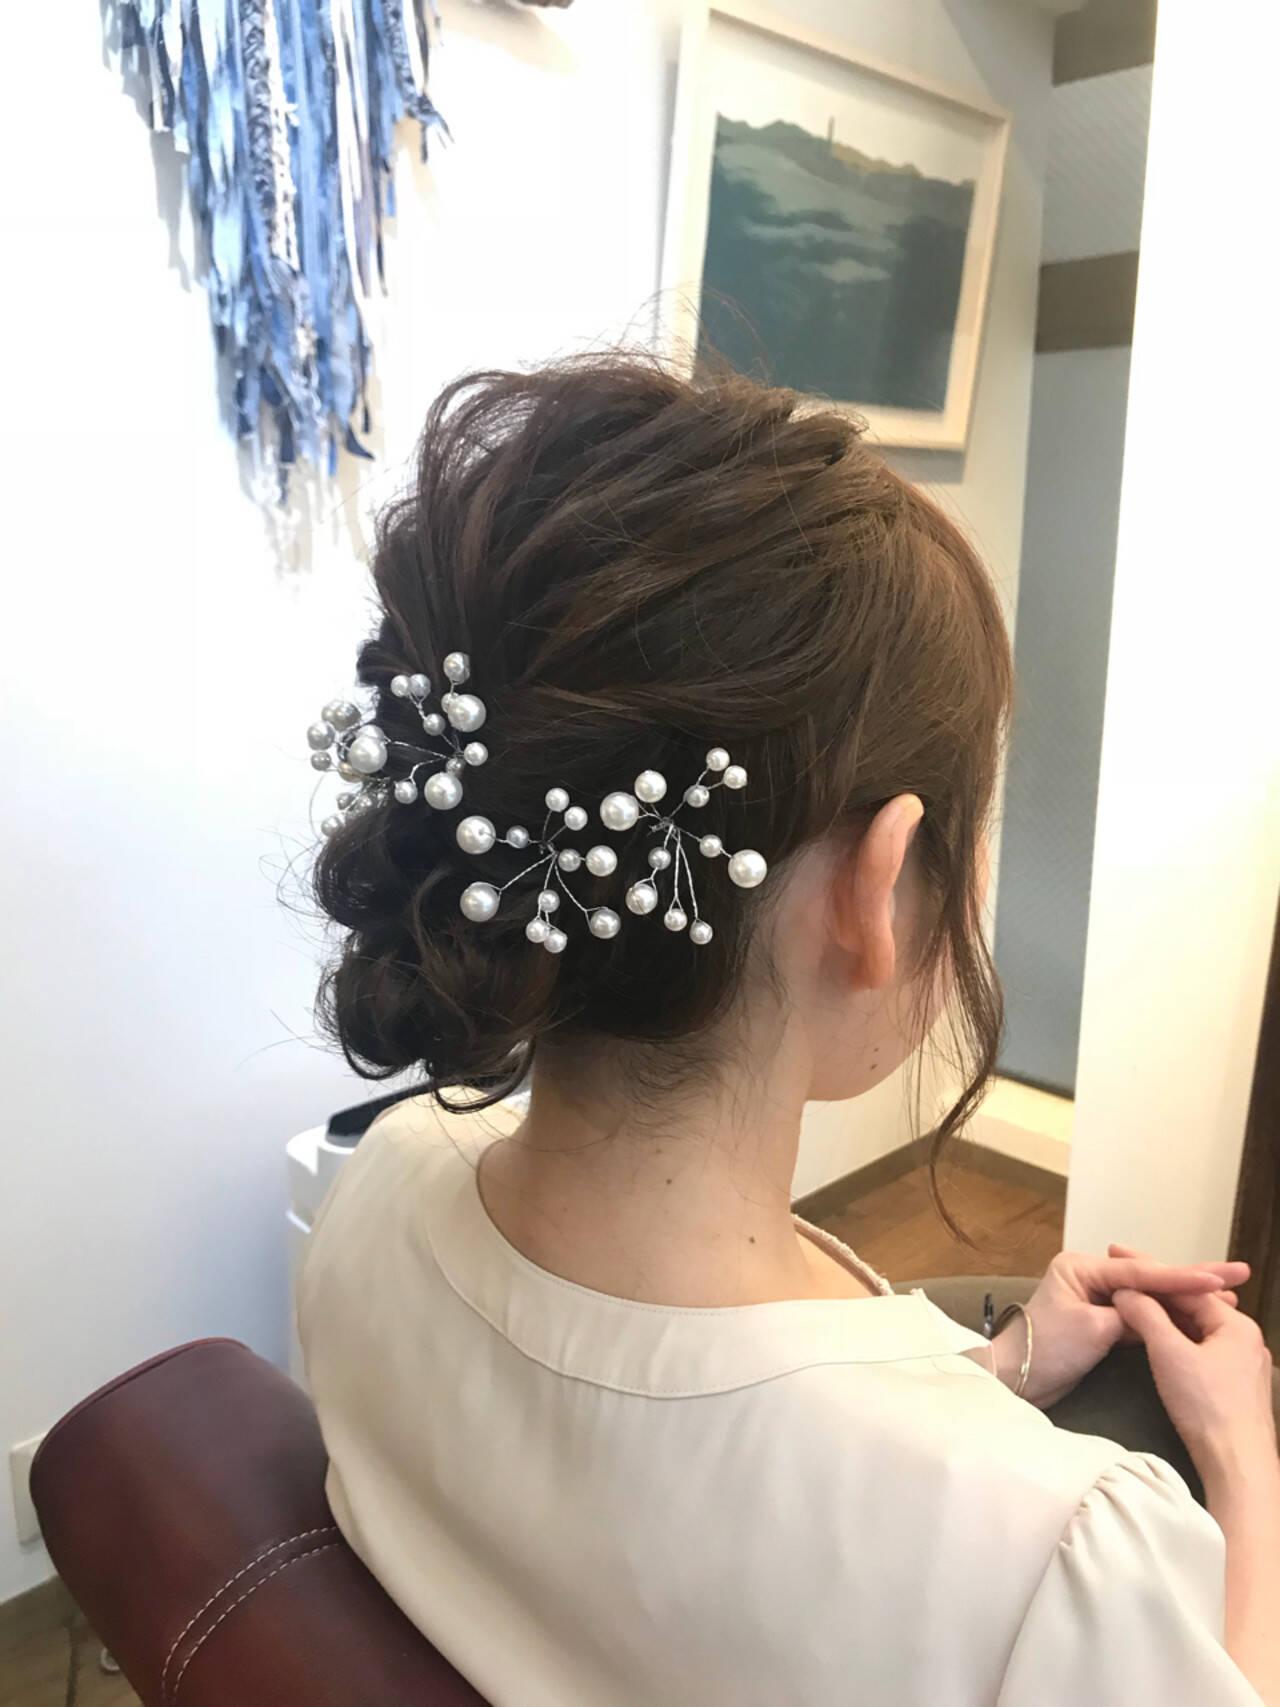 ウェーブ ヘアアレンジ ナチュラル セミロングヘアスタイルや髪型の写真・画像